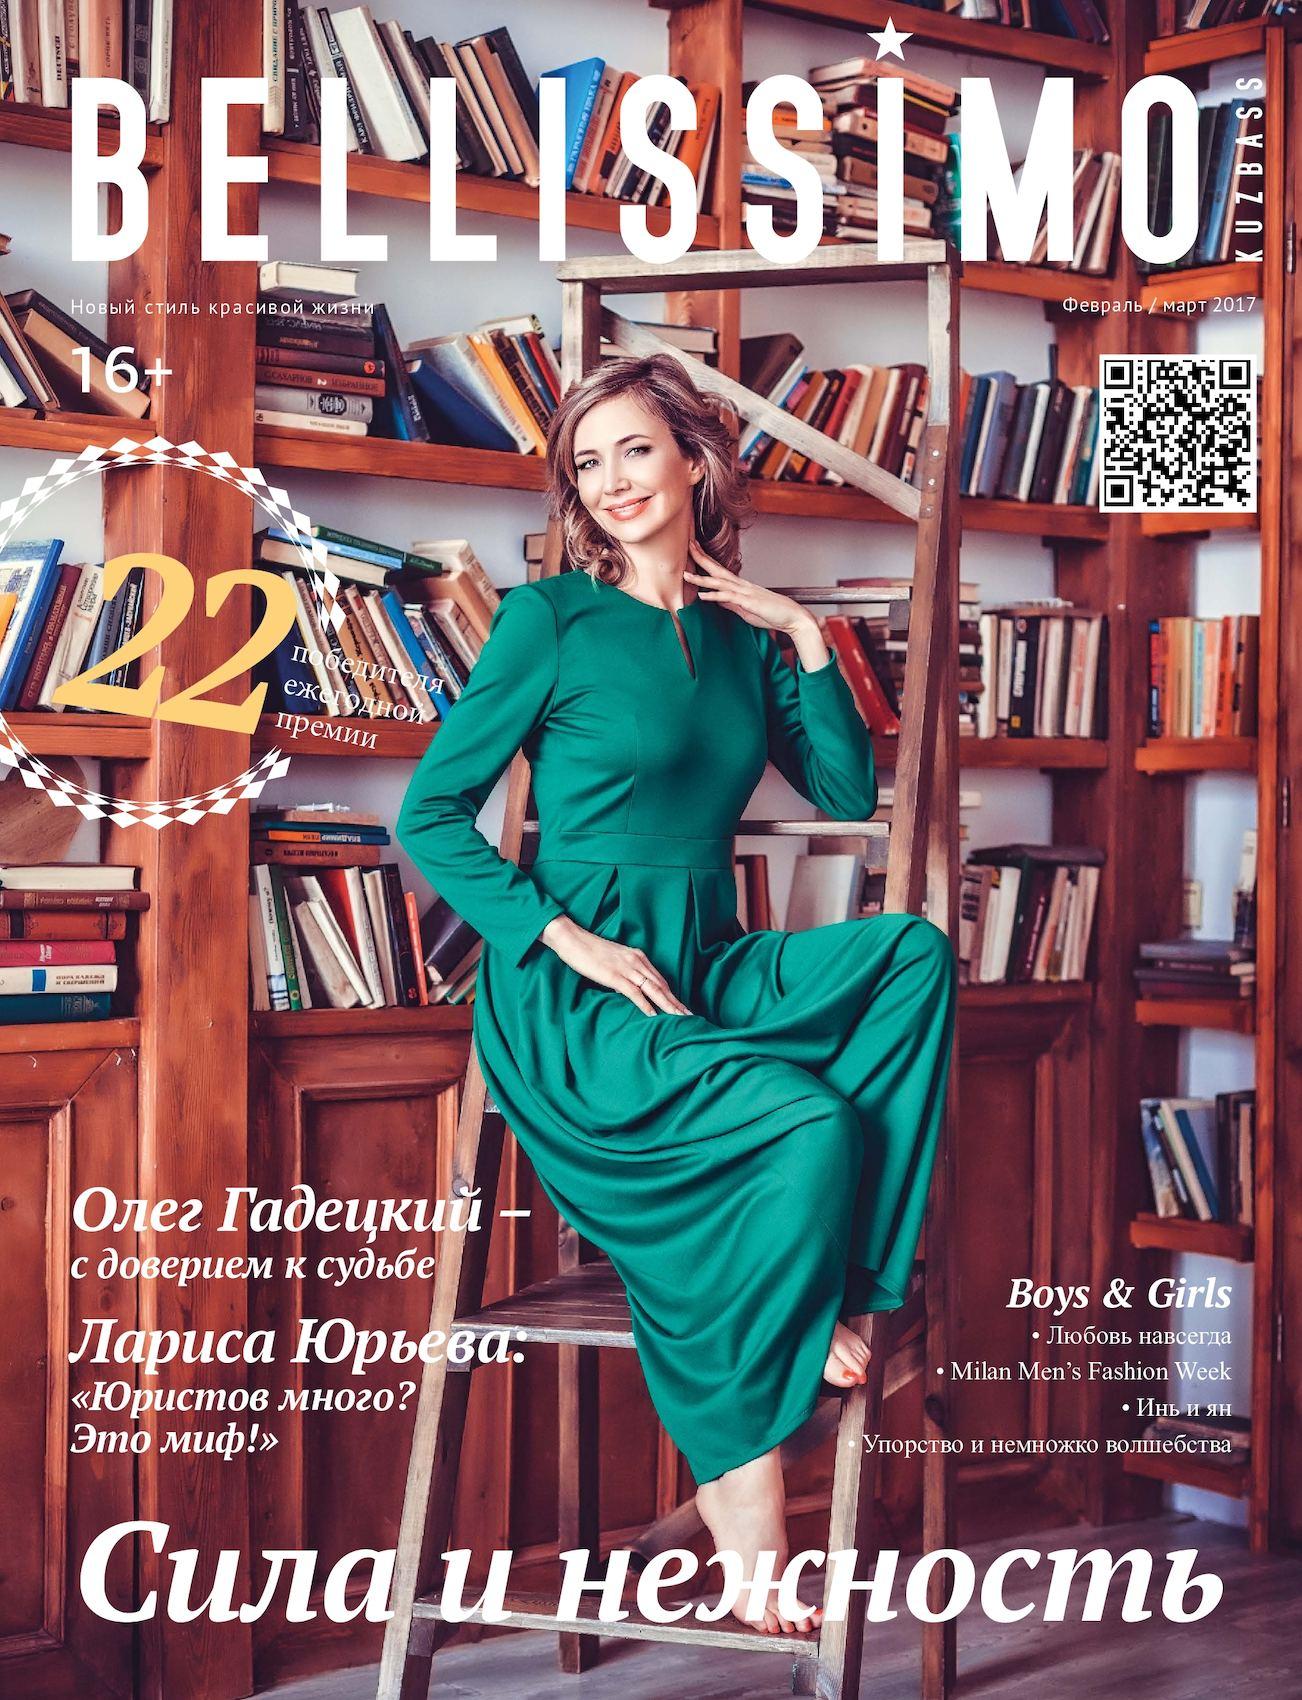 Сперма журнал настоящие жены наших читателей библиотеке немецкой девушкой